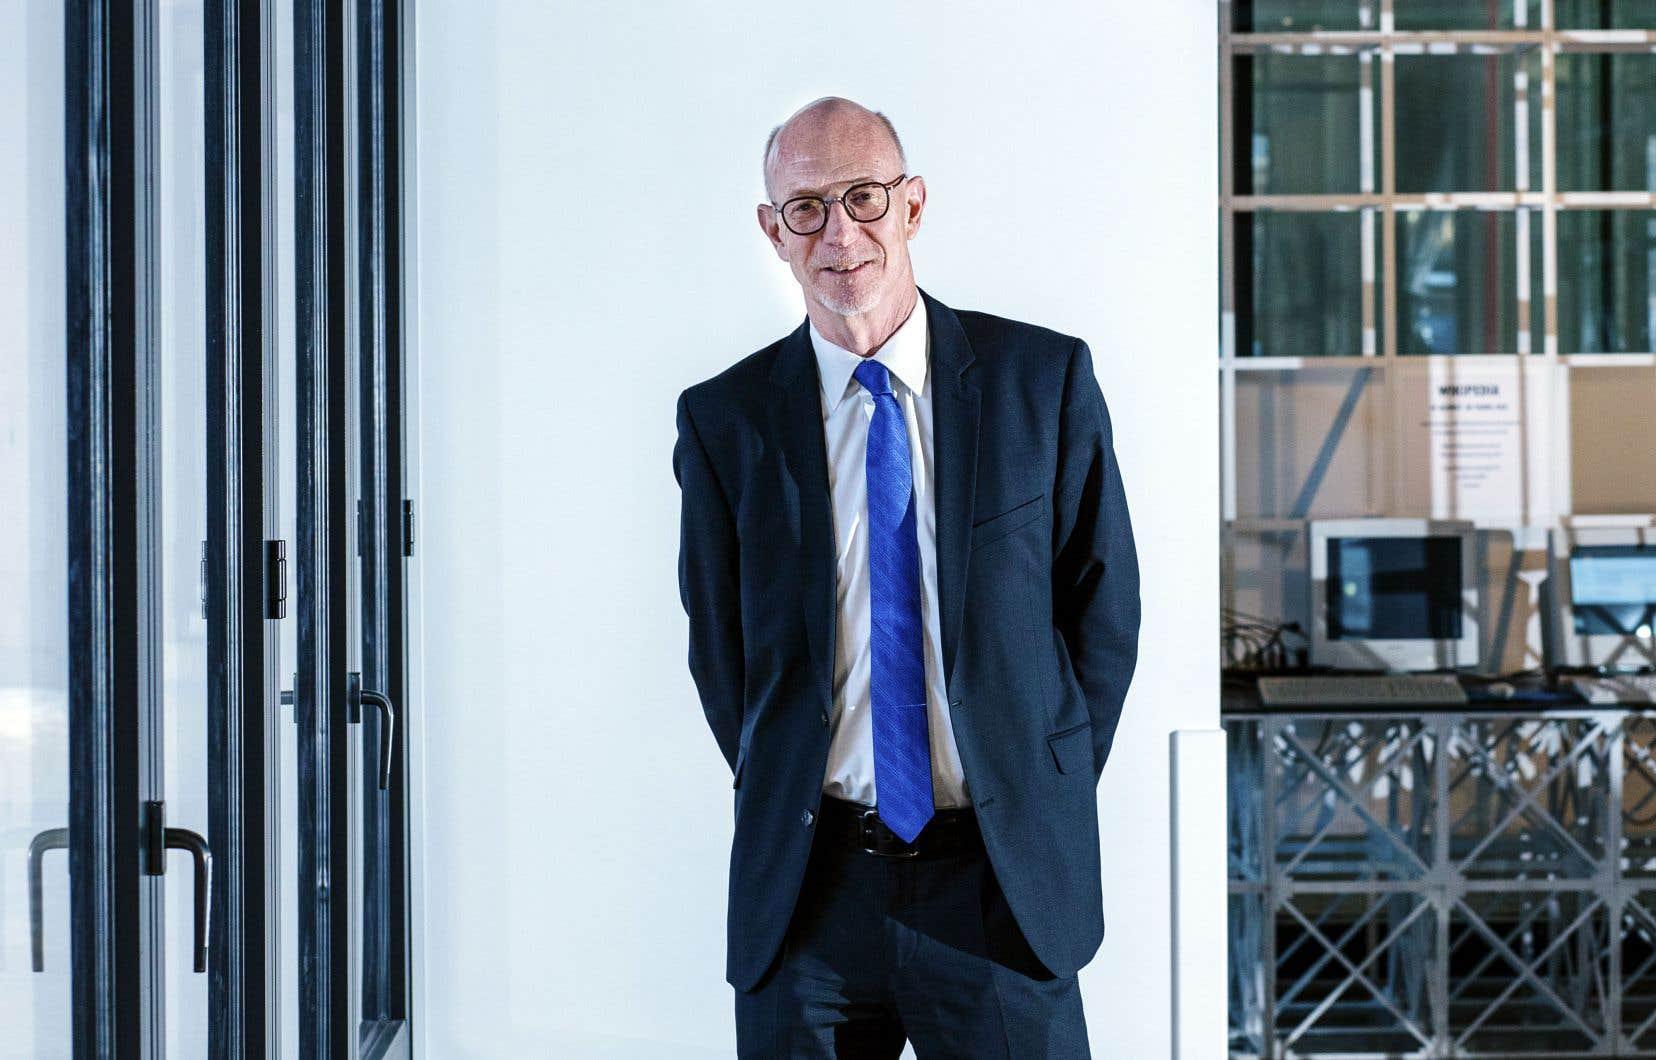 Graham Carroccupait le siège de recteur intérimaire depuis le départ de son prédécesseur en juillet dernier. Il a été confirmé au poste de grand patron par le conseil d'administration de l'université.